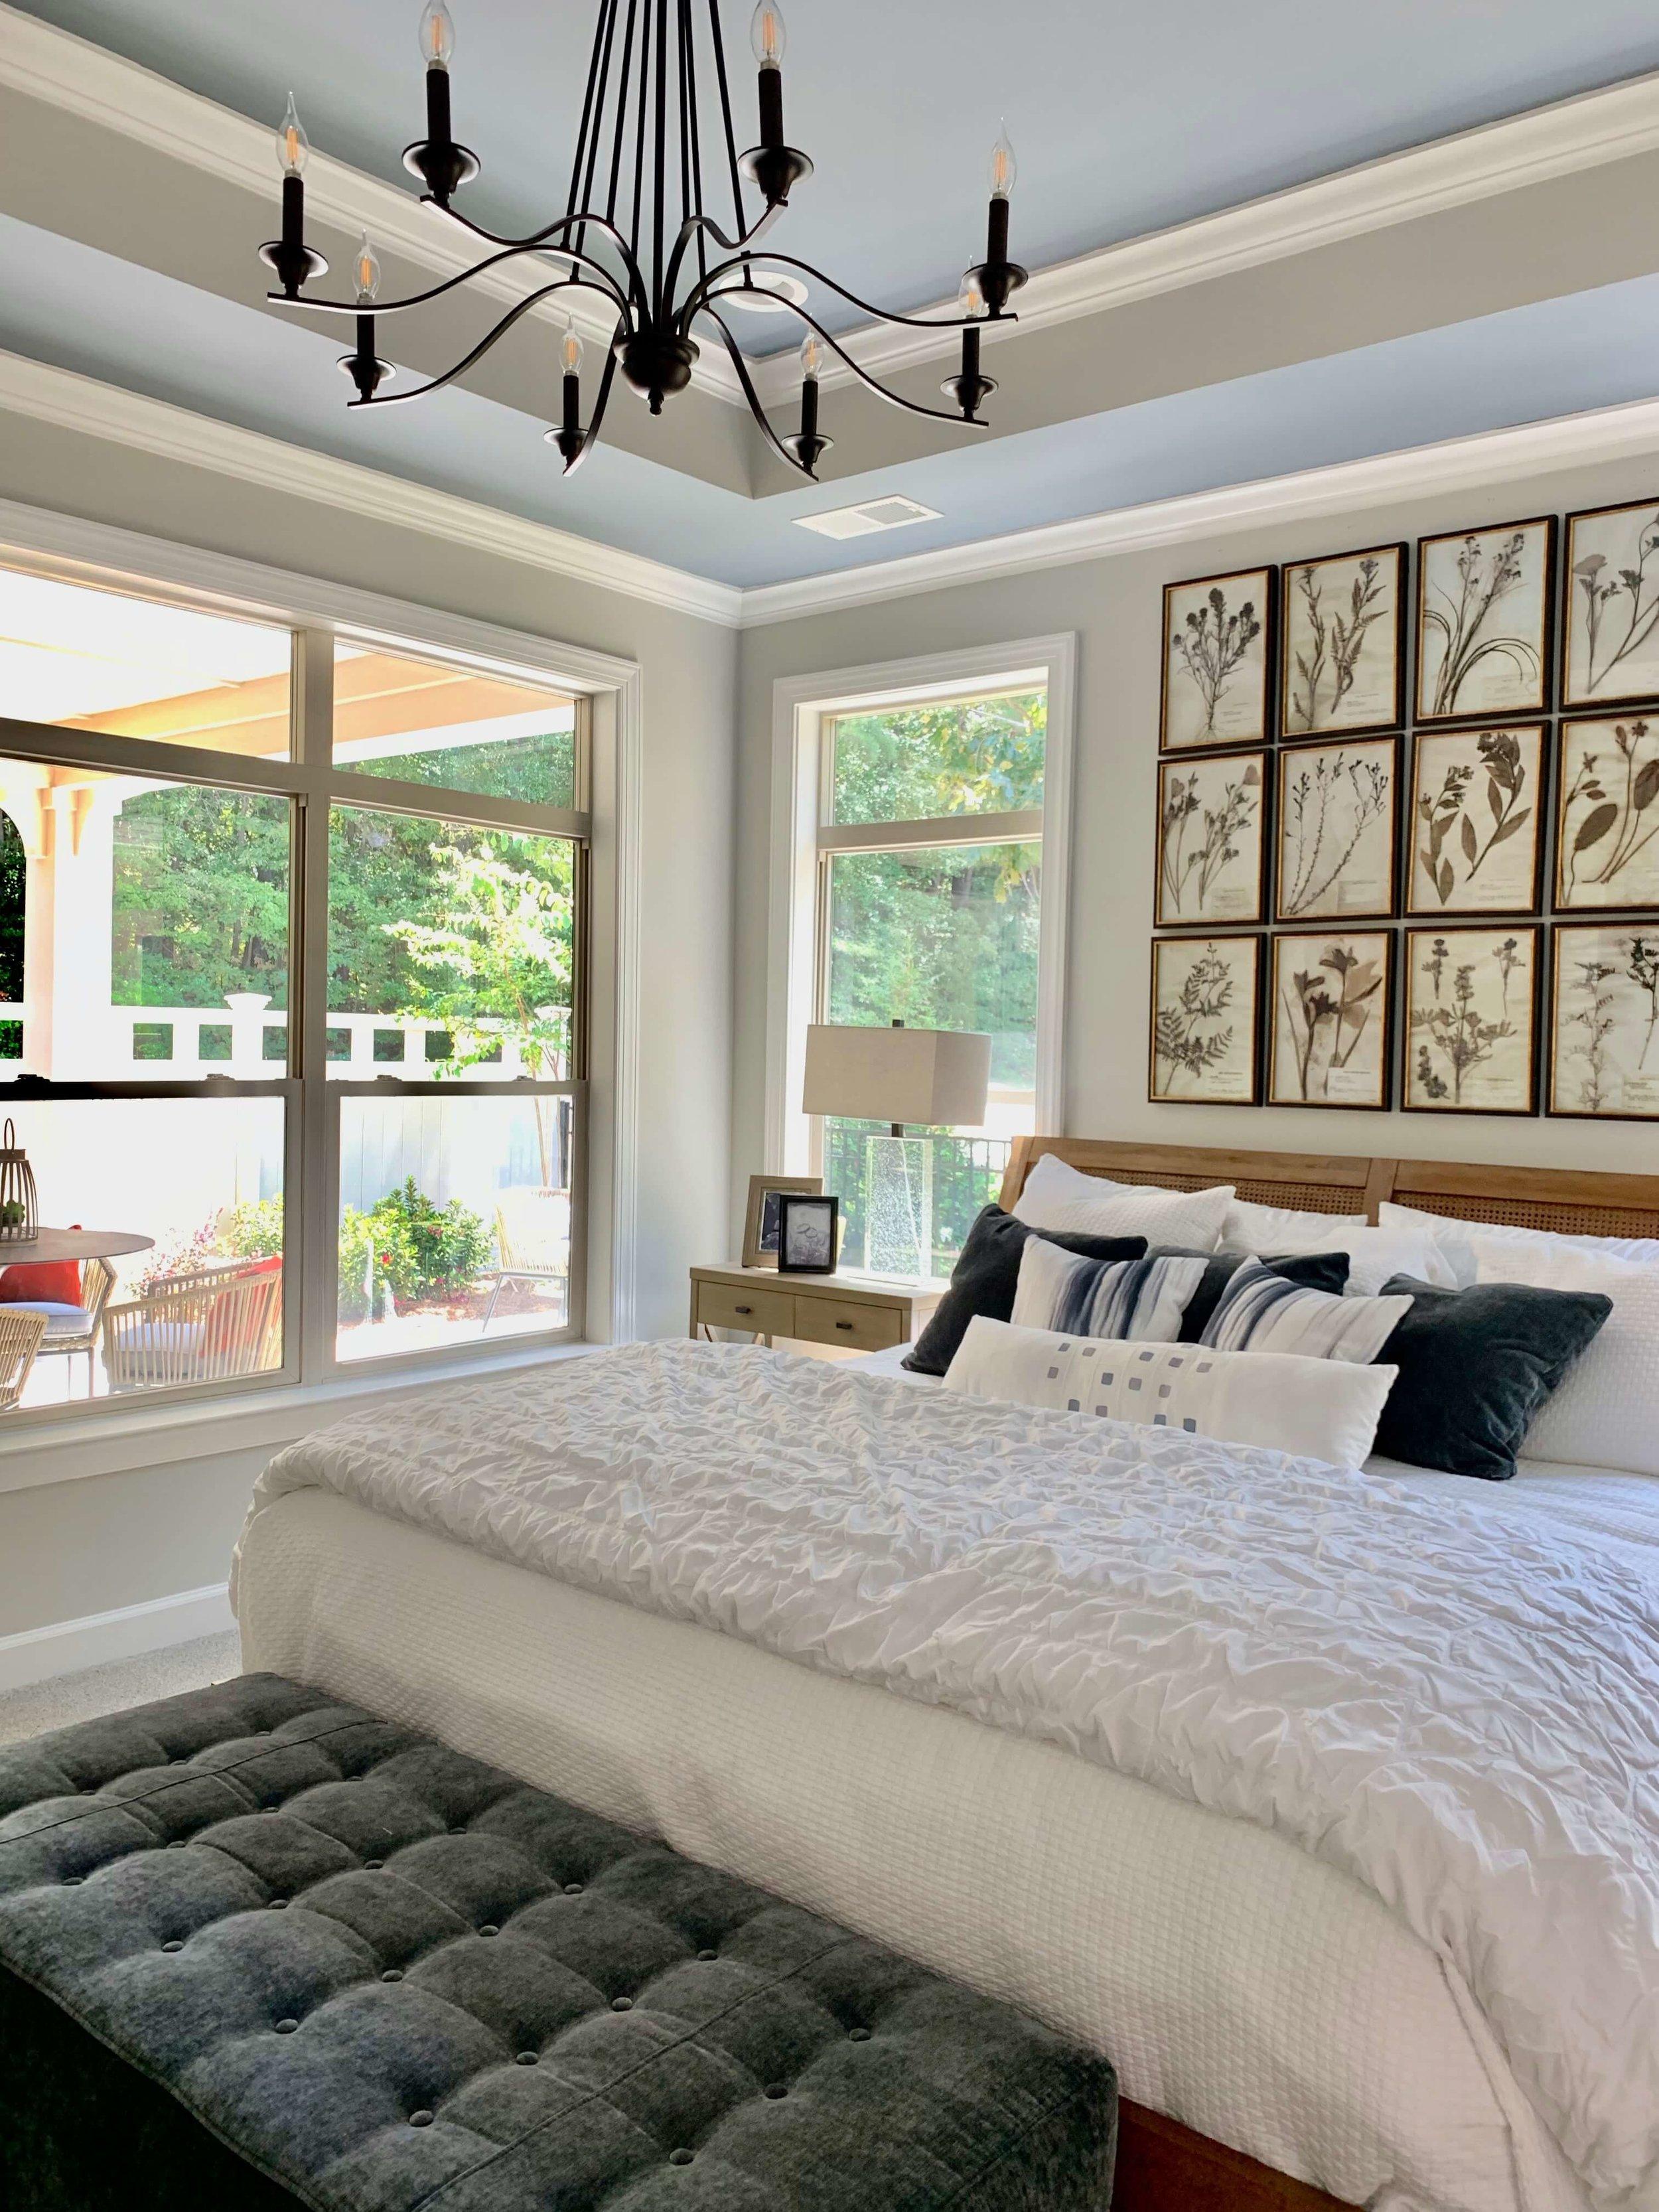 model_home_bedroom-decorating.jpeg